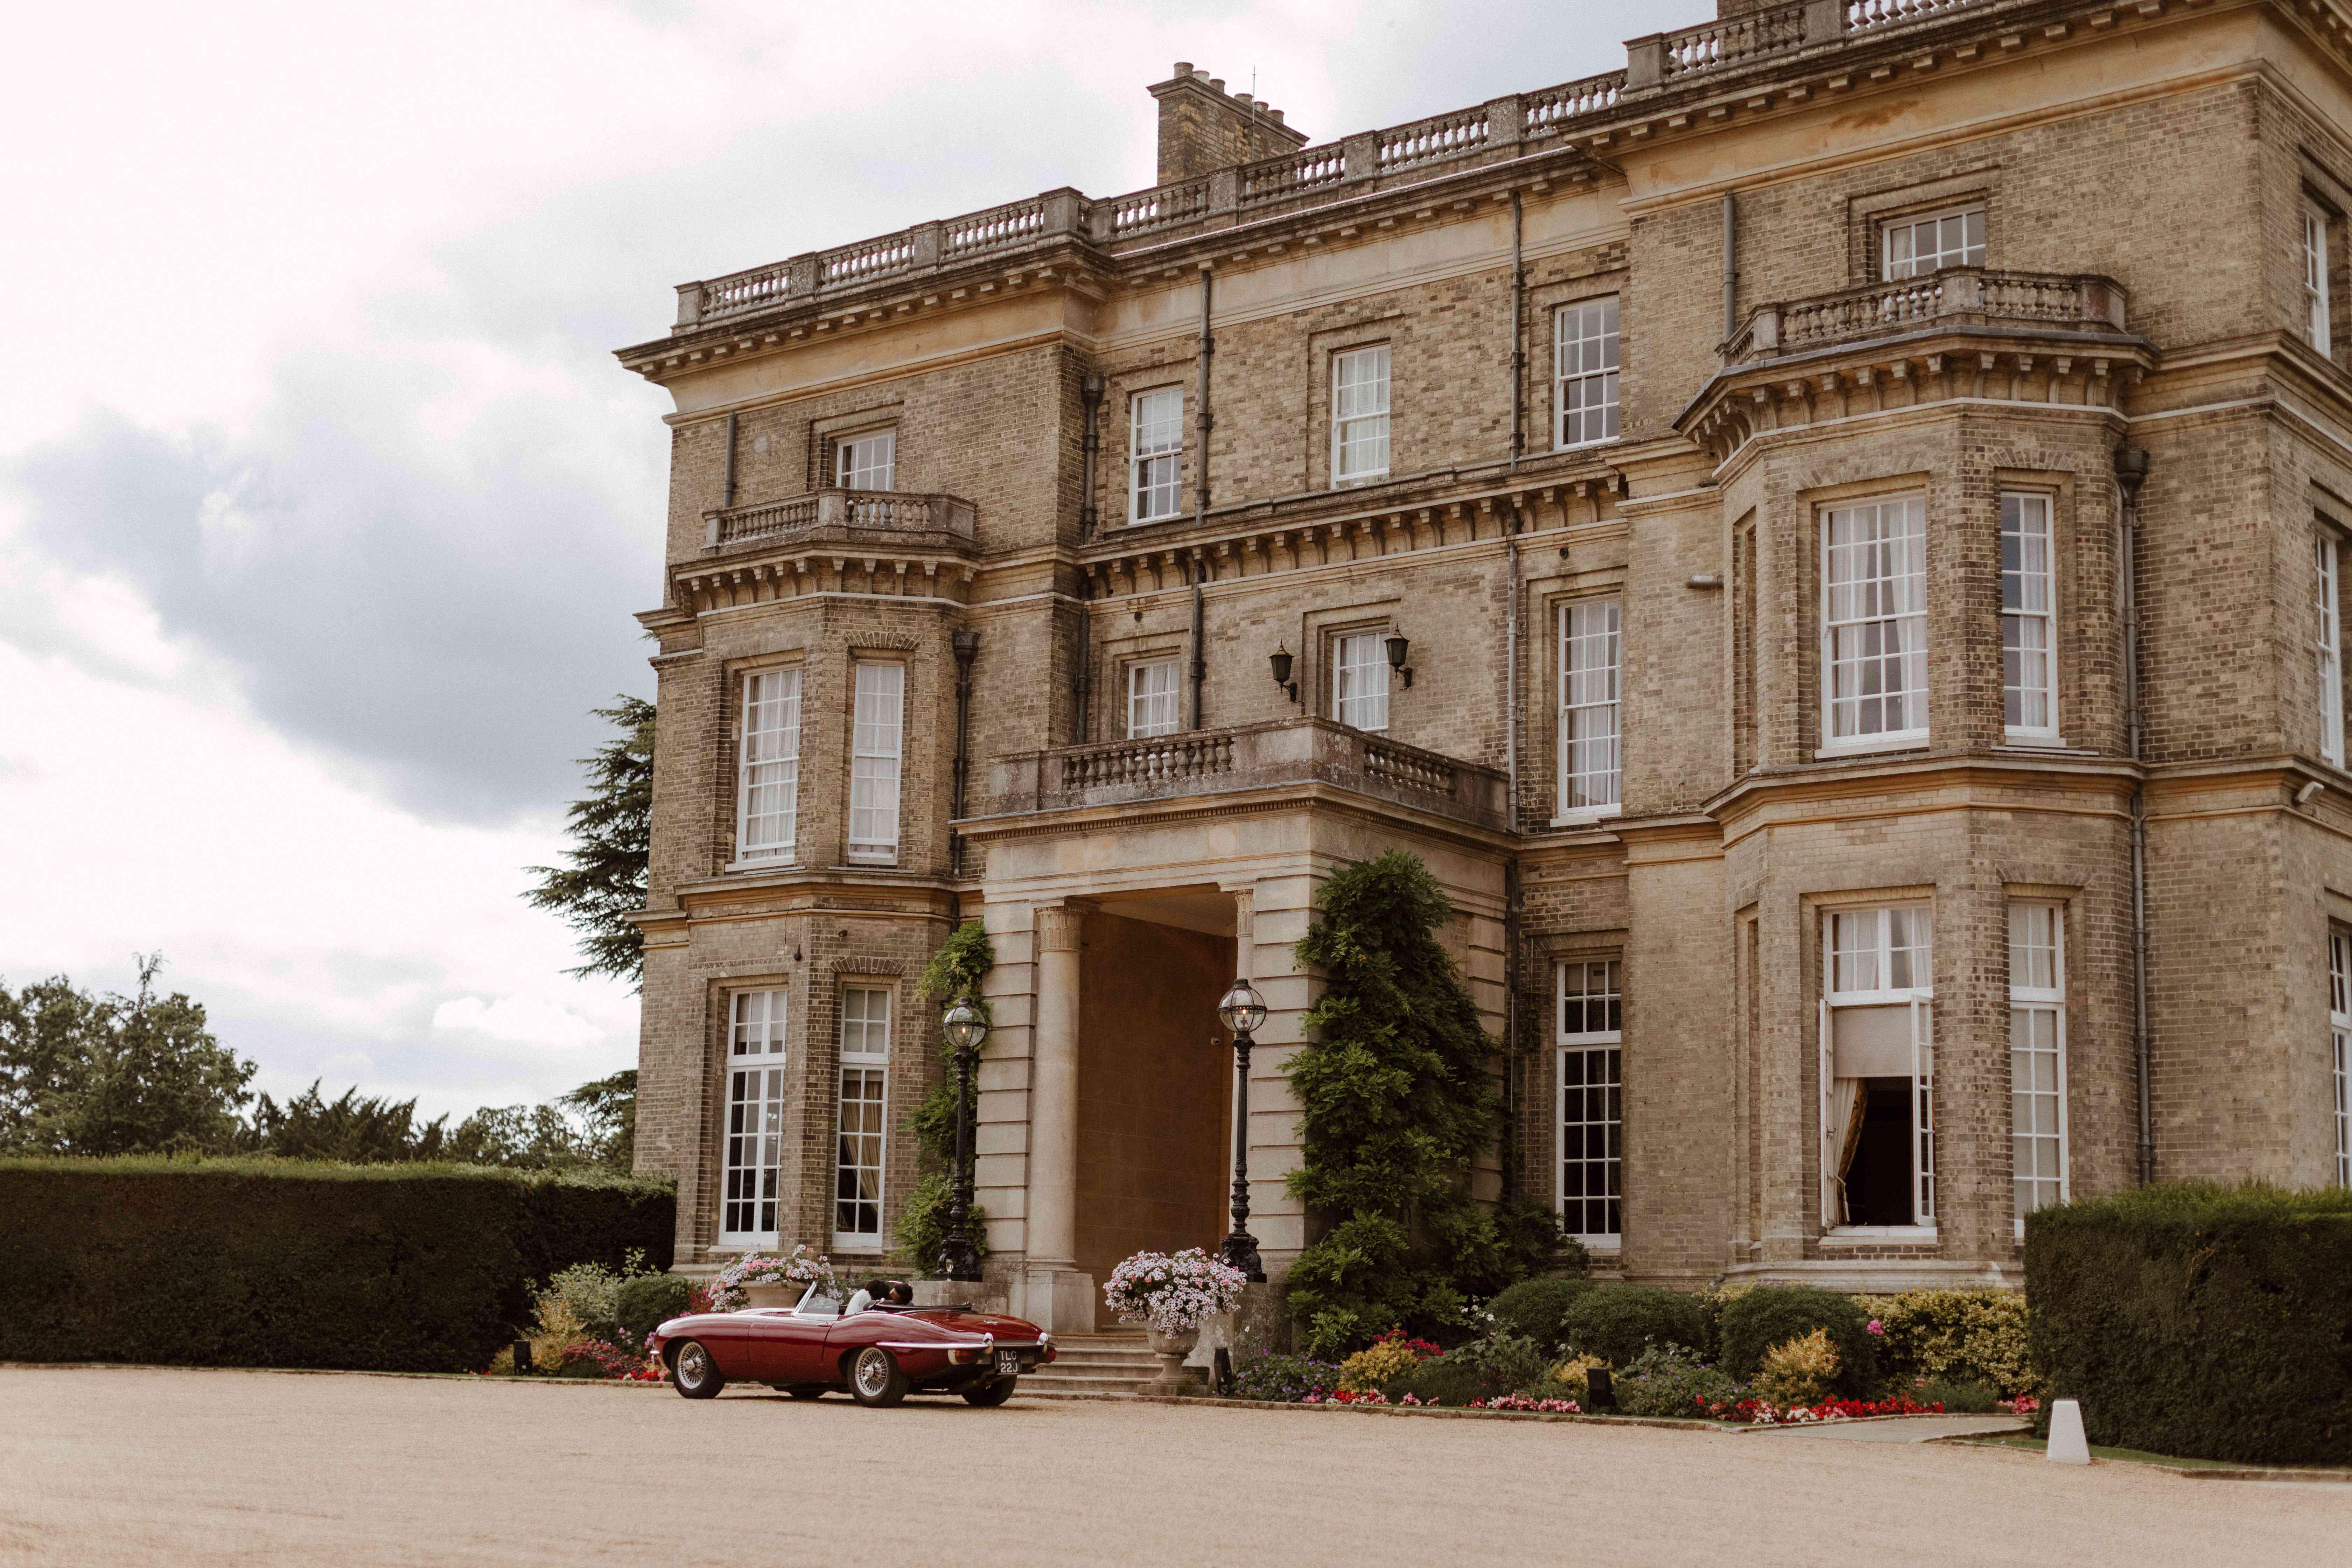 The reception venue